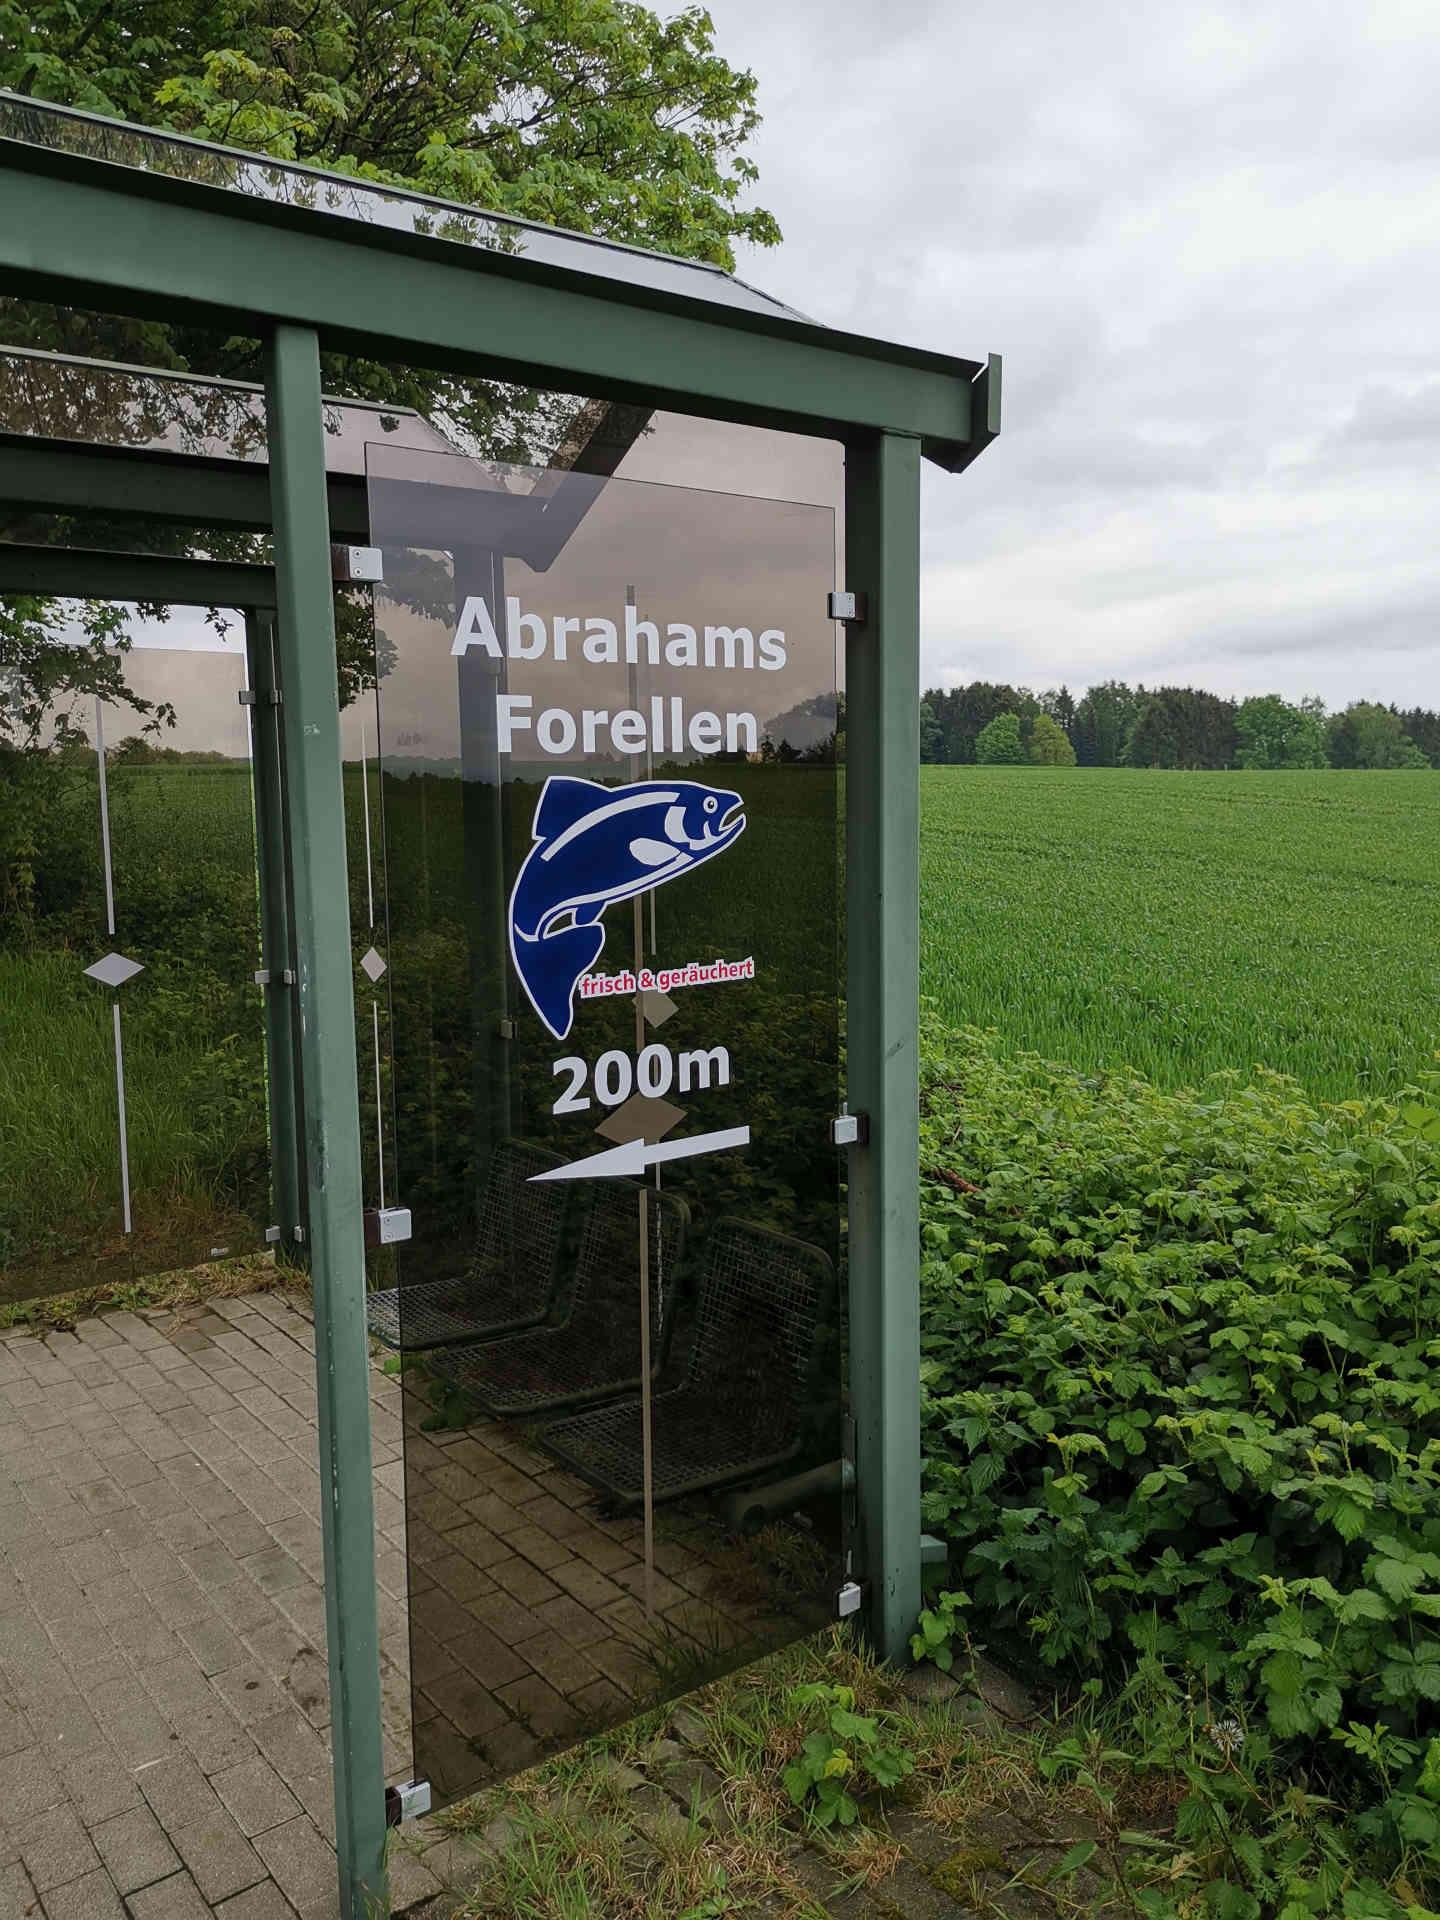 Abrahams Forellen